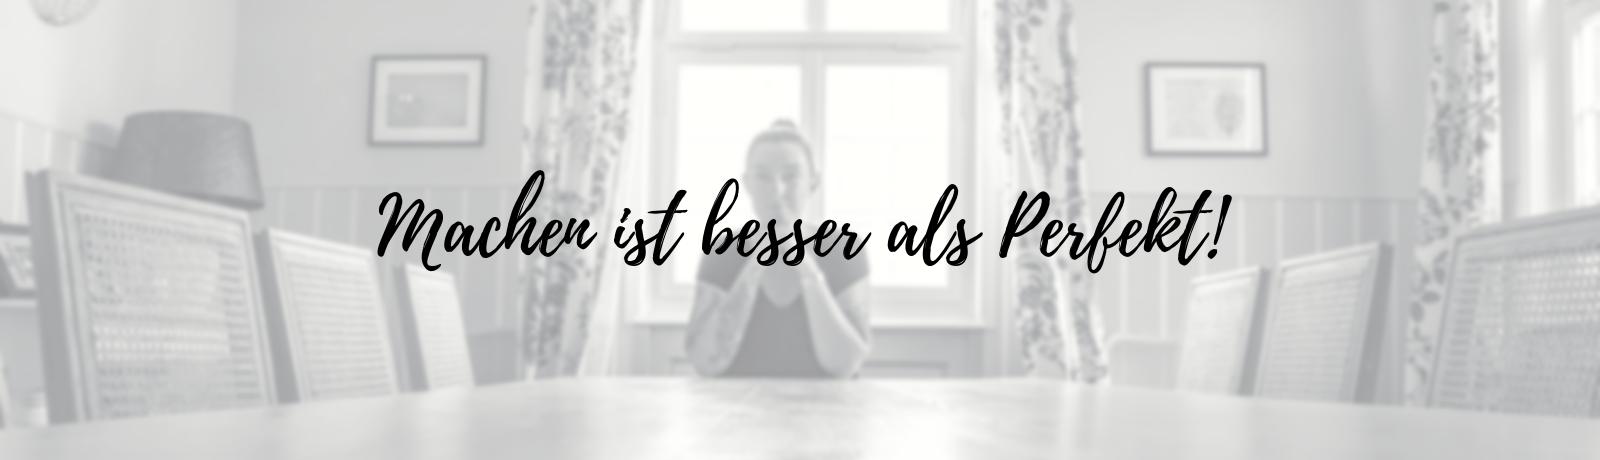 PROJEKTSCHMIEDEREI Sabrina Fischäß - 'Machen ist besser als Perfekt!'